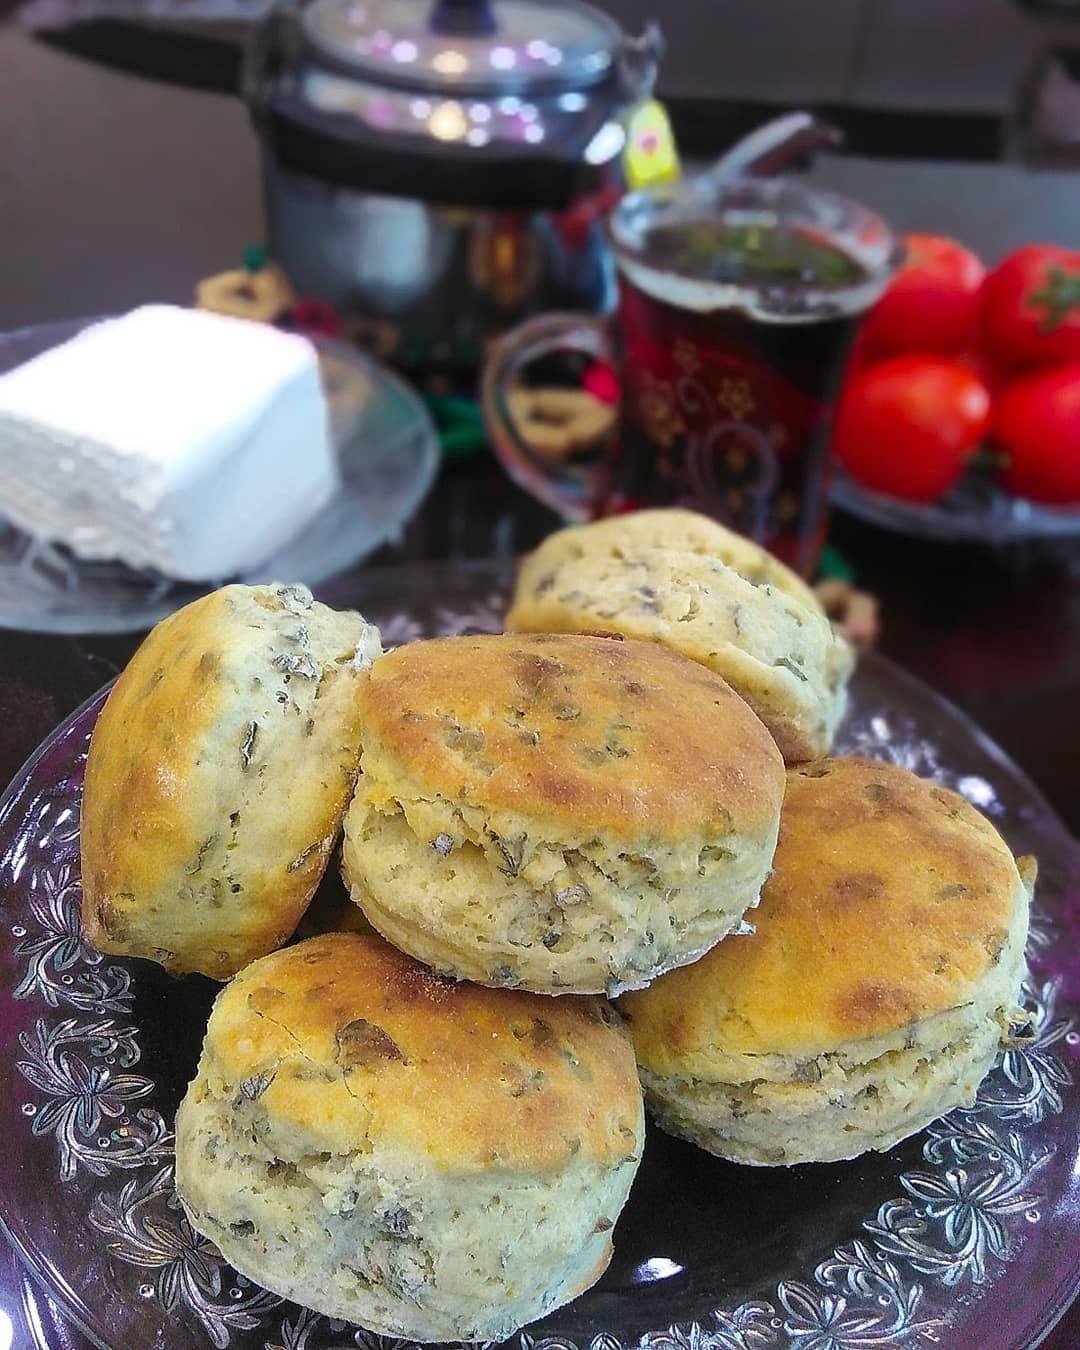 مطبخ بيان On Instagram لااااااايك بليييييززز وصفة بسكويت البترميلك أو Buttermilk Biscuits أو الكعكات مع إضافة أوراق Cuisine Food Hamburger Bun